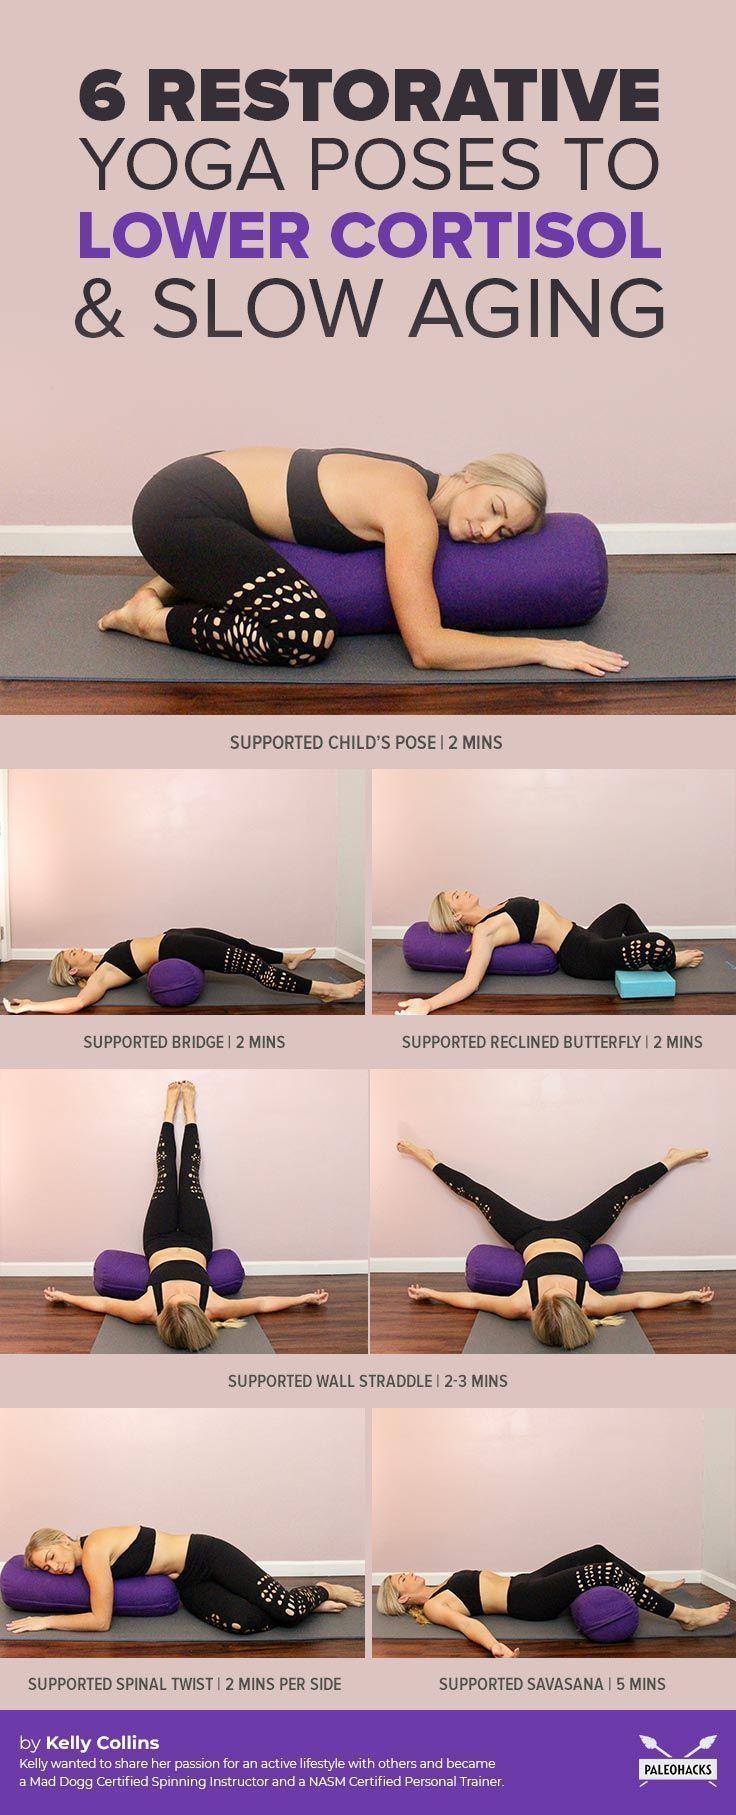 Schmelzen Sie in dieser erholsamen Yoga-Routine, um das Cortisol zu senken und das Altern zu verlang...